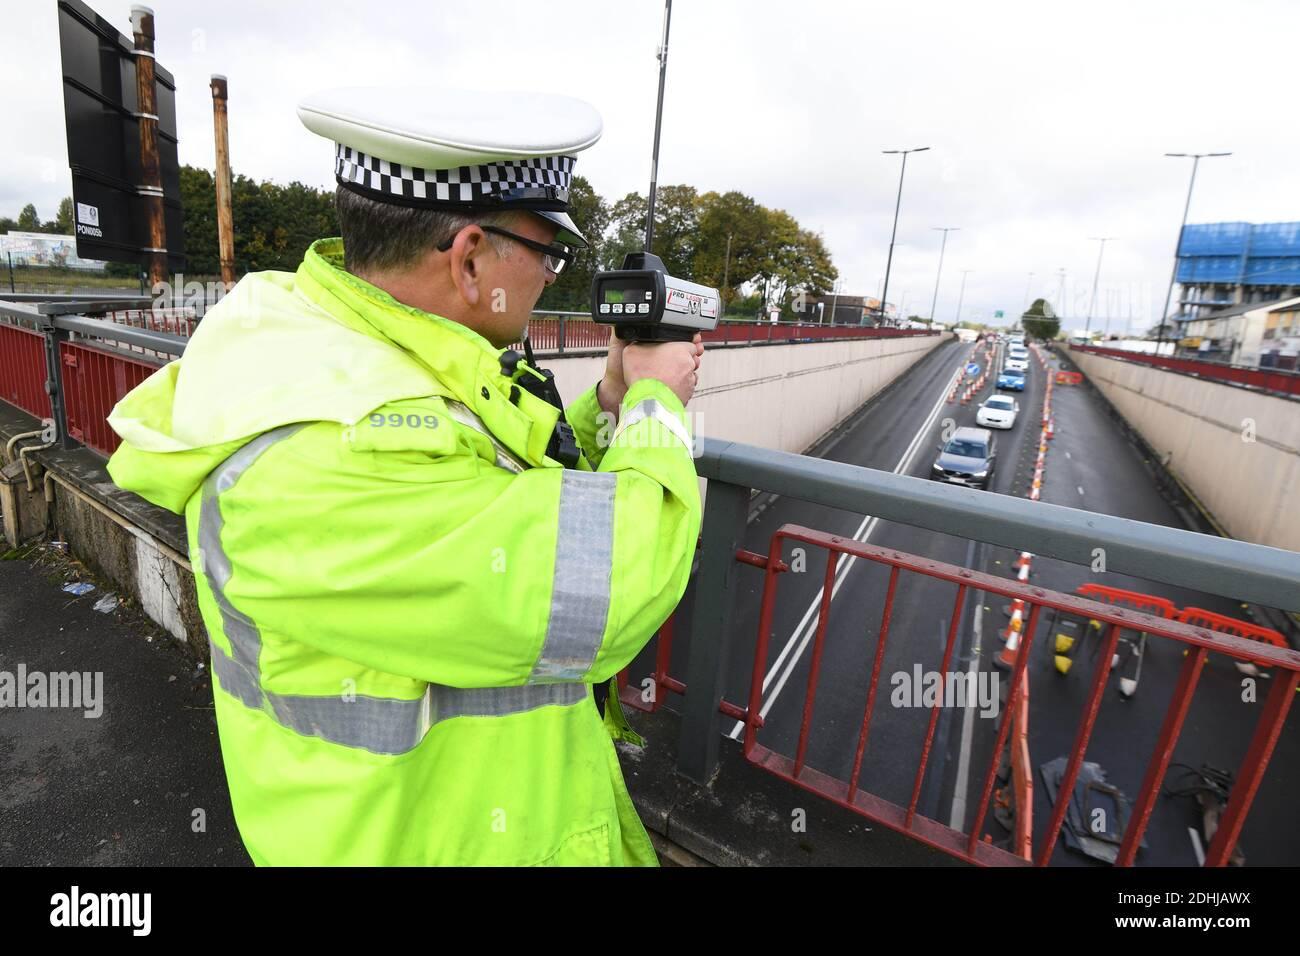 Les agents de police qui vérifient la vitesse du passage inférieur de l'A34 en tant que responsables des transports ont lancé une répression contre les automobilistes qui accélèrent les travaux sur route à 20 km/h aux intersections d'Aldridge Road et de l'A34 pour faire place à une régénération majeure. Des officiers de la police des West Midlands réaliseront régulièrement des contrôles de vitesse en tant qu'entrepreneurs en service en train de faire des travaux de rachat autour de la région de Perry Barr, Birmingham, les Midlands, Angleterre. Banque D'Images